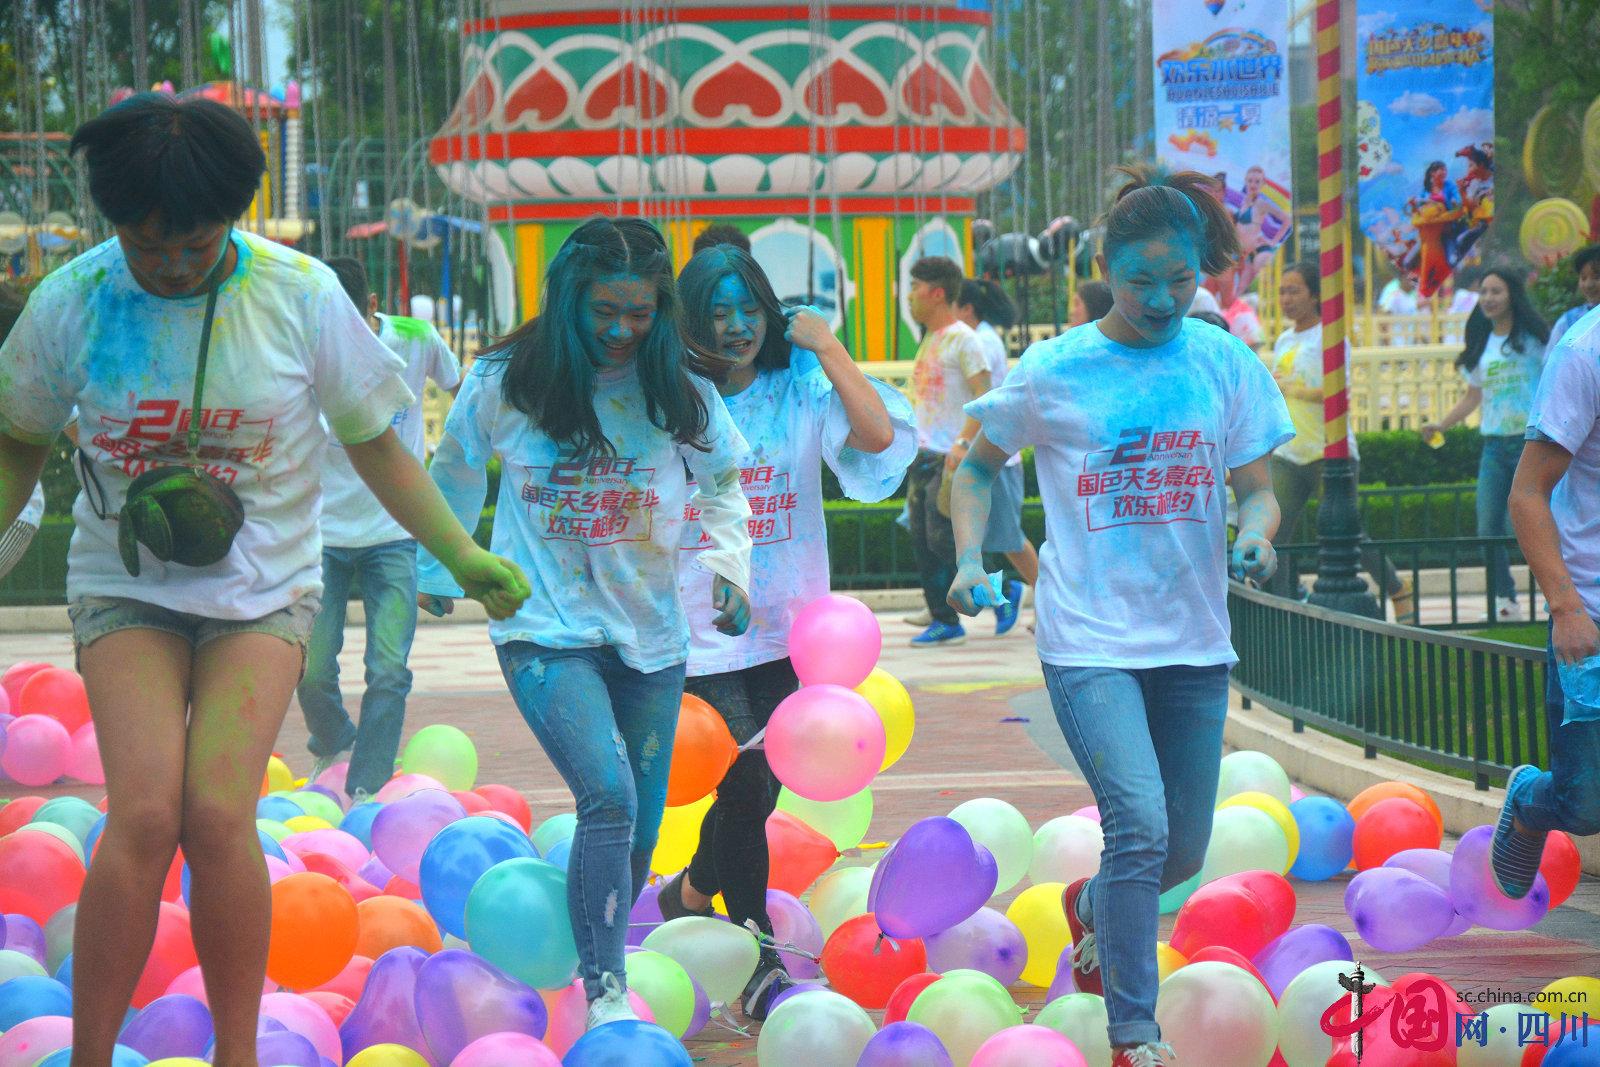 巴中嘉年华乐园2周年庆 数百游客参加可乐大战玩得嗨